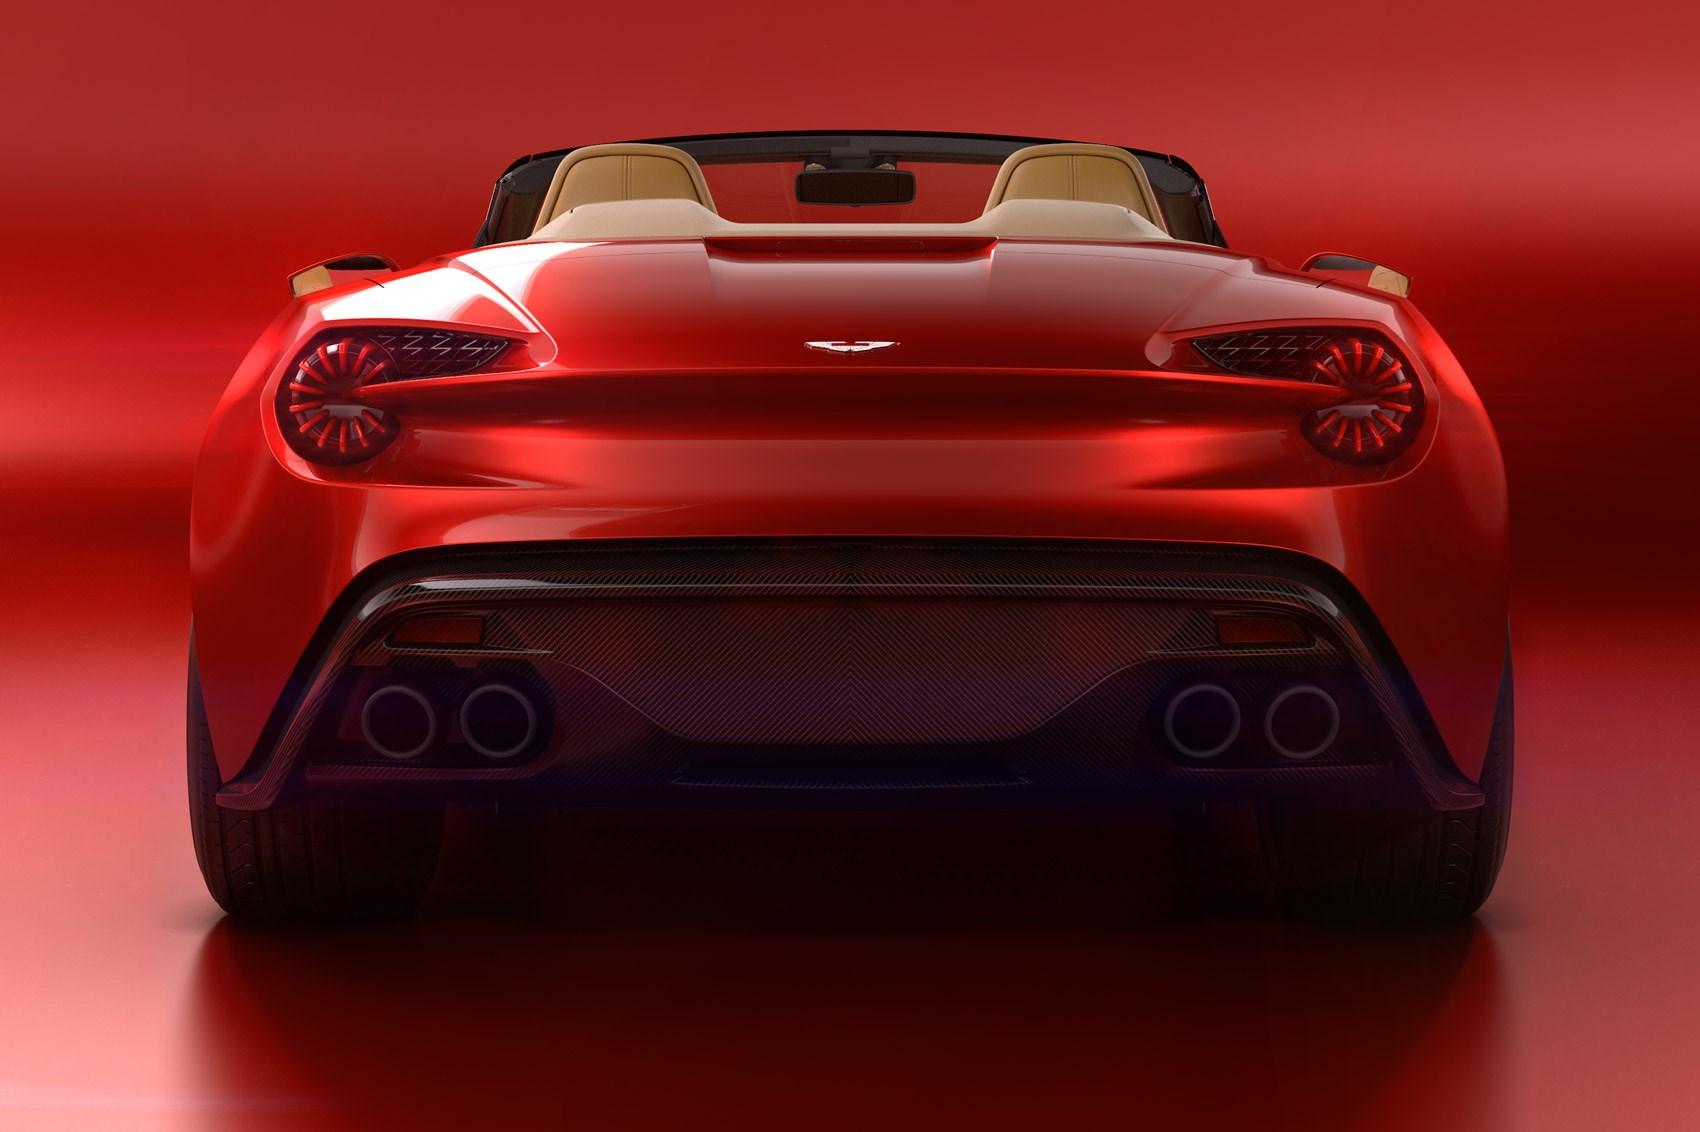 Aston Martin Vanquish Zagato Volante unveiled at Pebble Beach ...